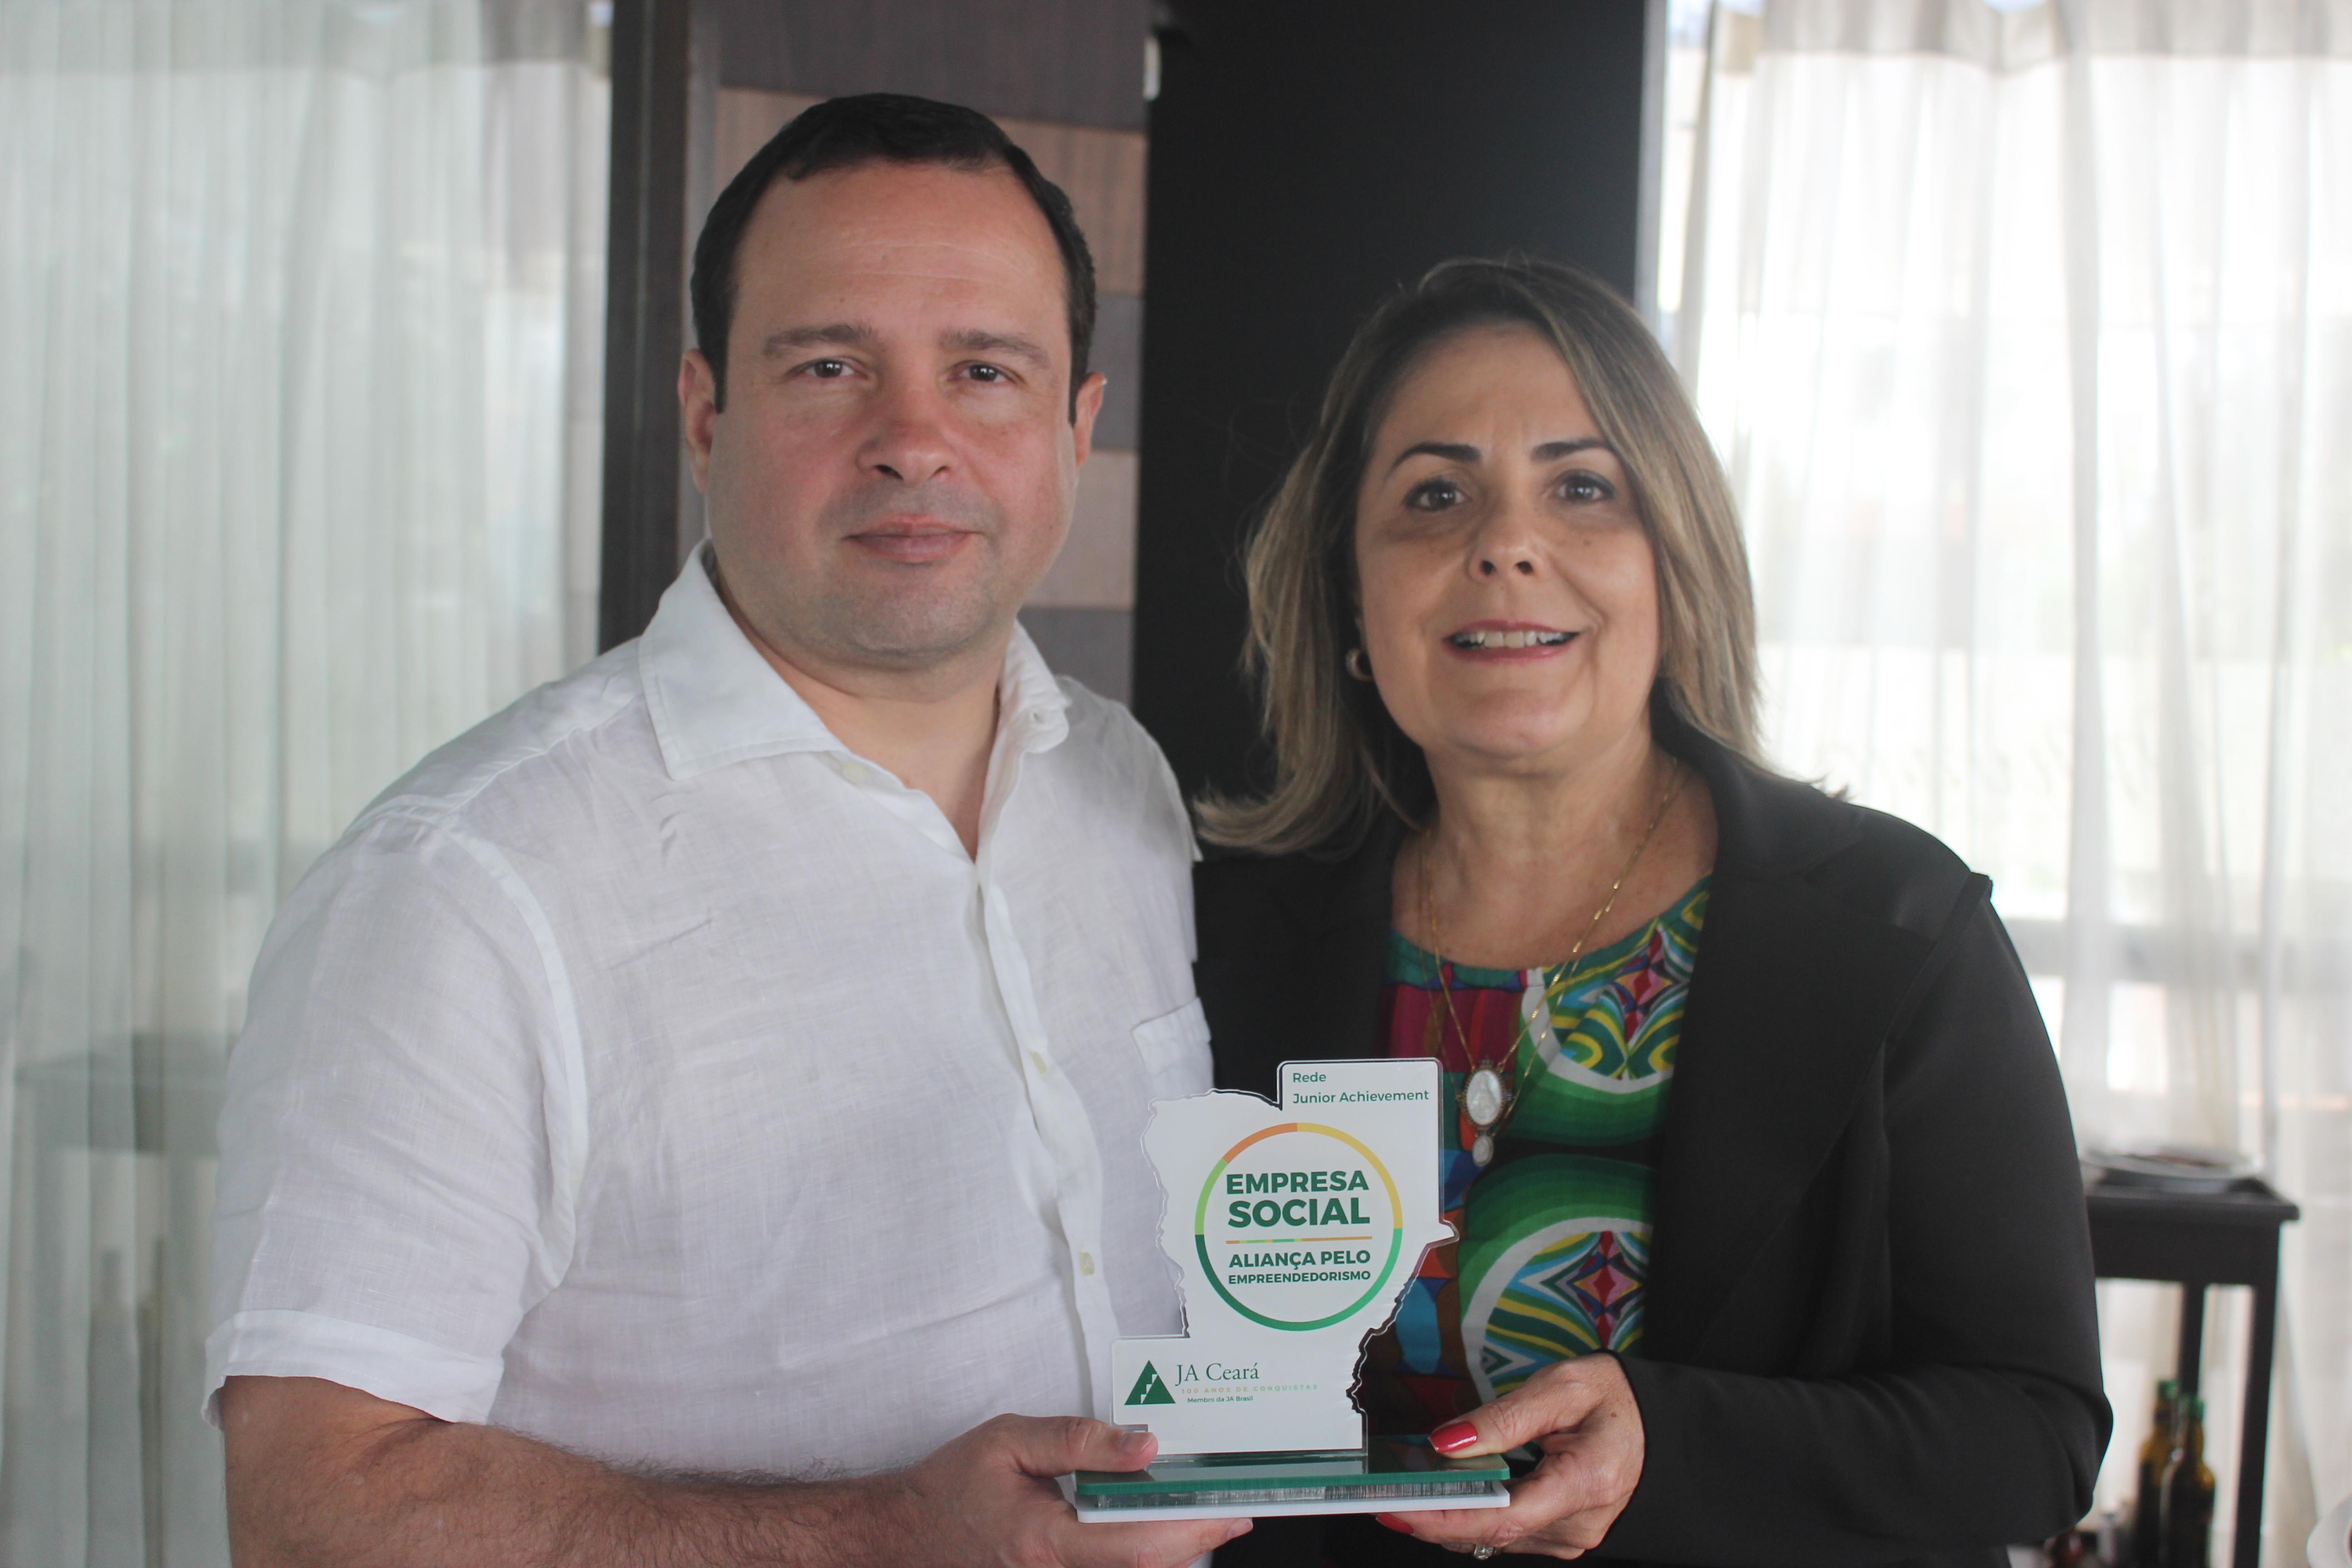 Junior Achievement celebra seus 15 anos no Ceará